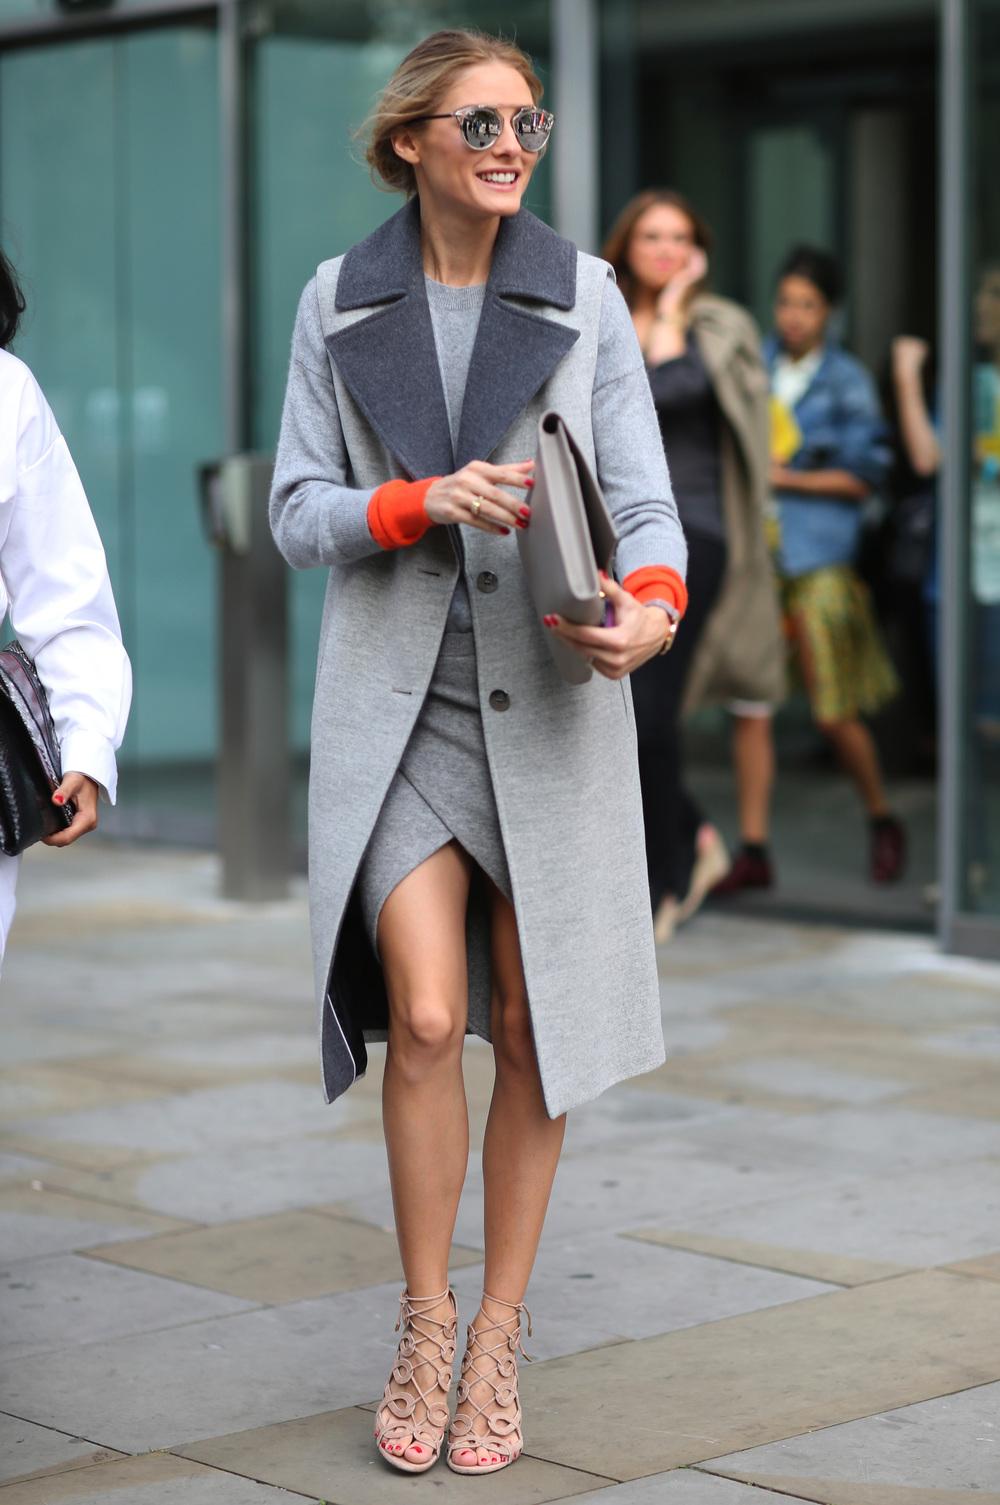 The ever stylish Olivia Palermo